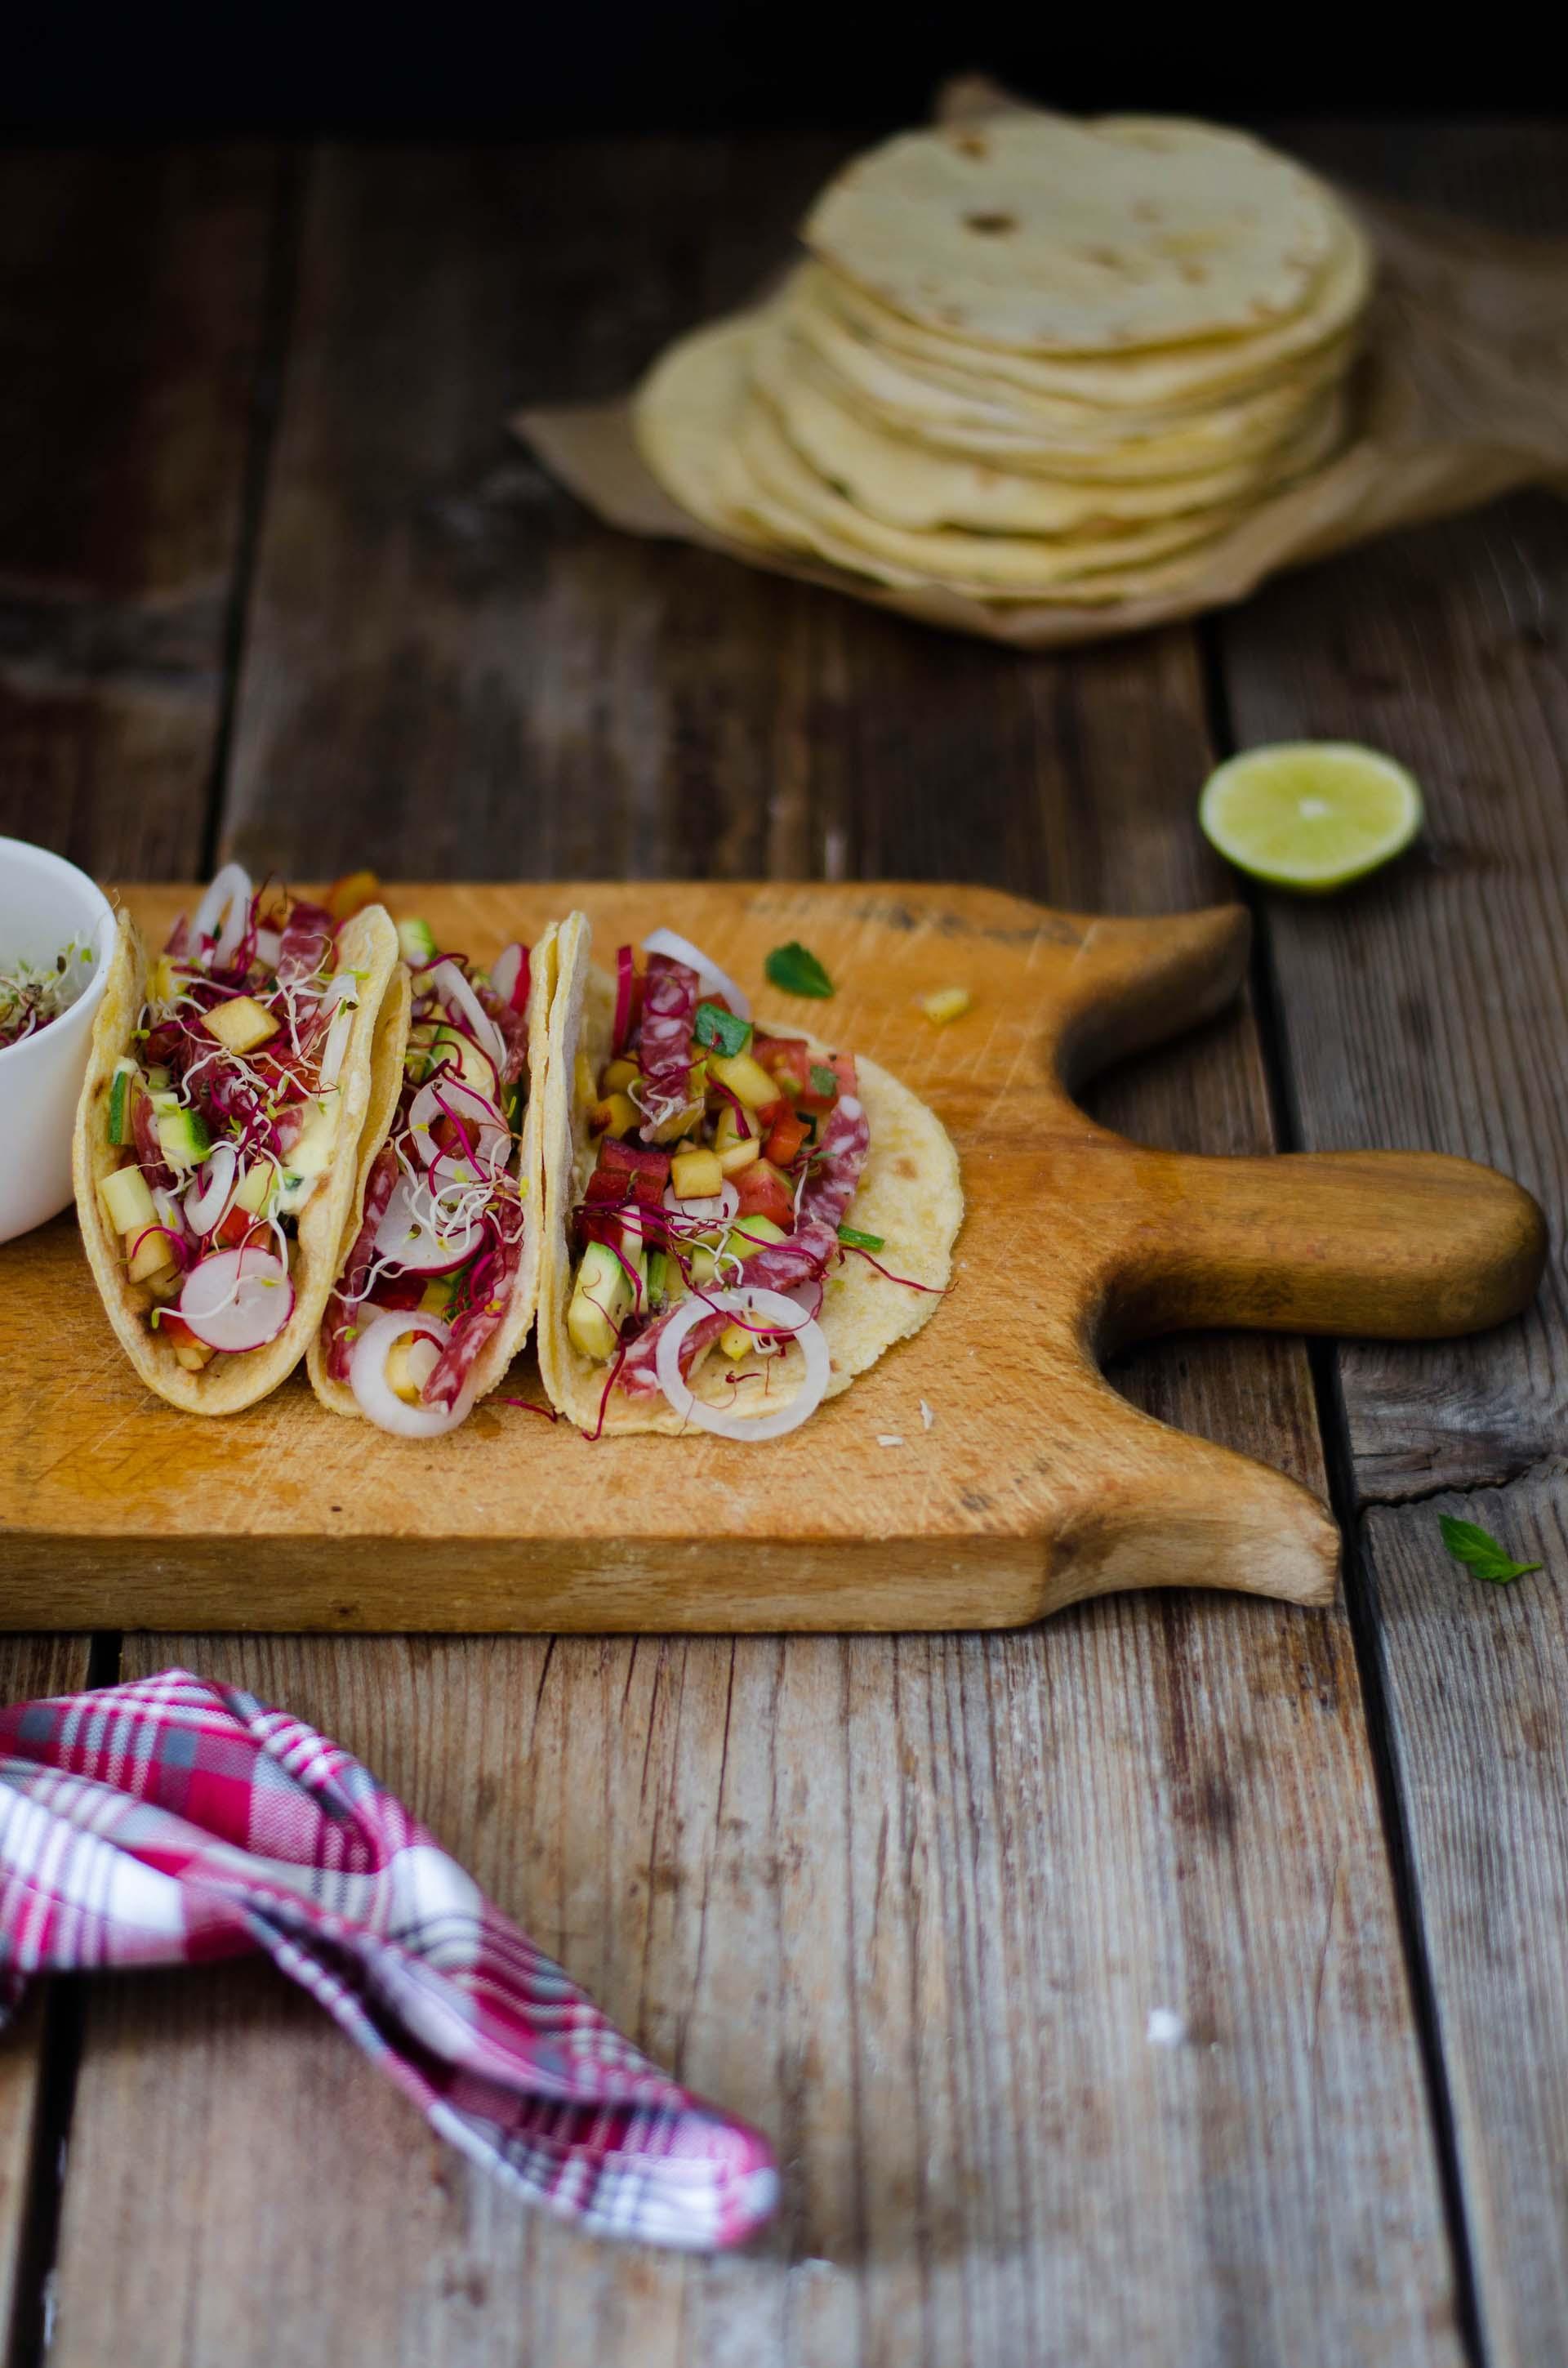 tacos_contest_clai5 Tacos con salame Amarcord per il contest CLAI